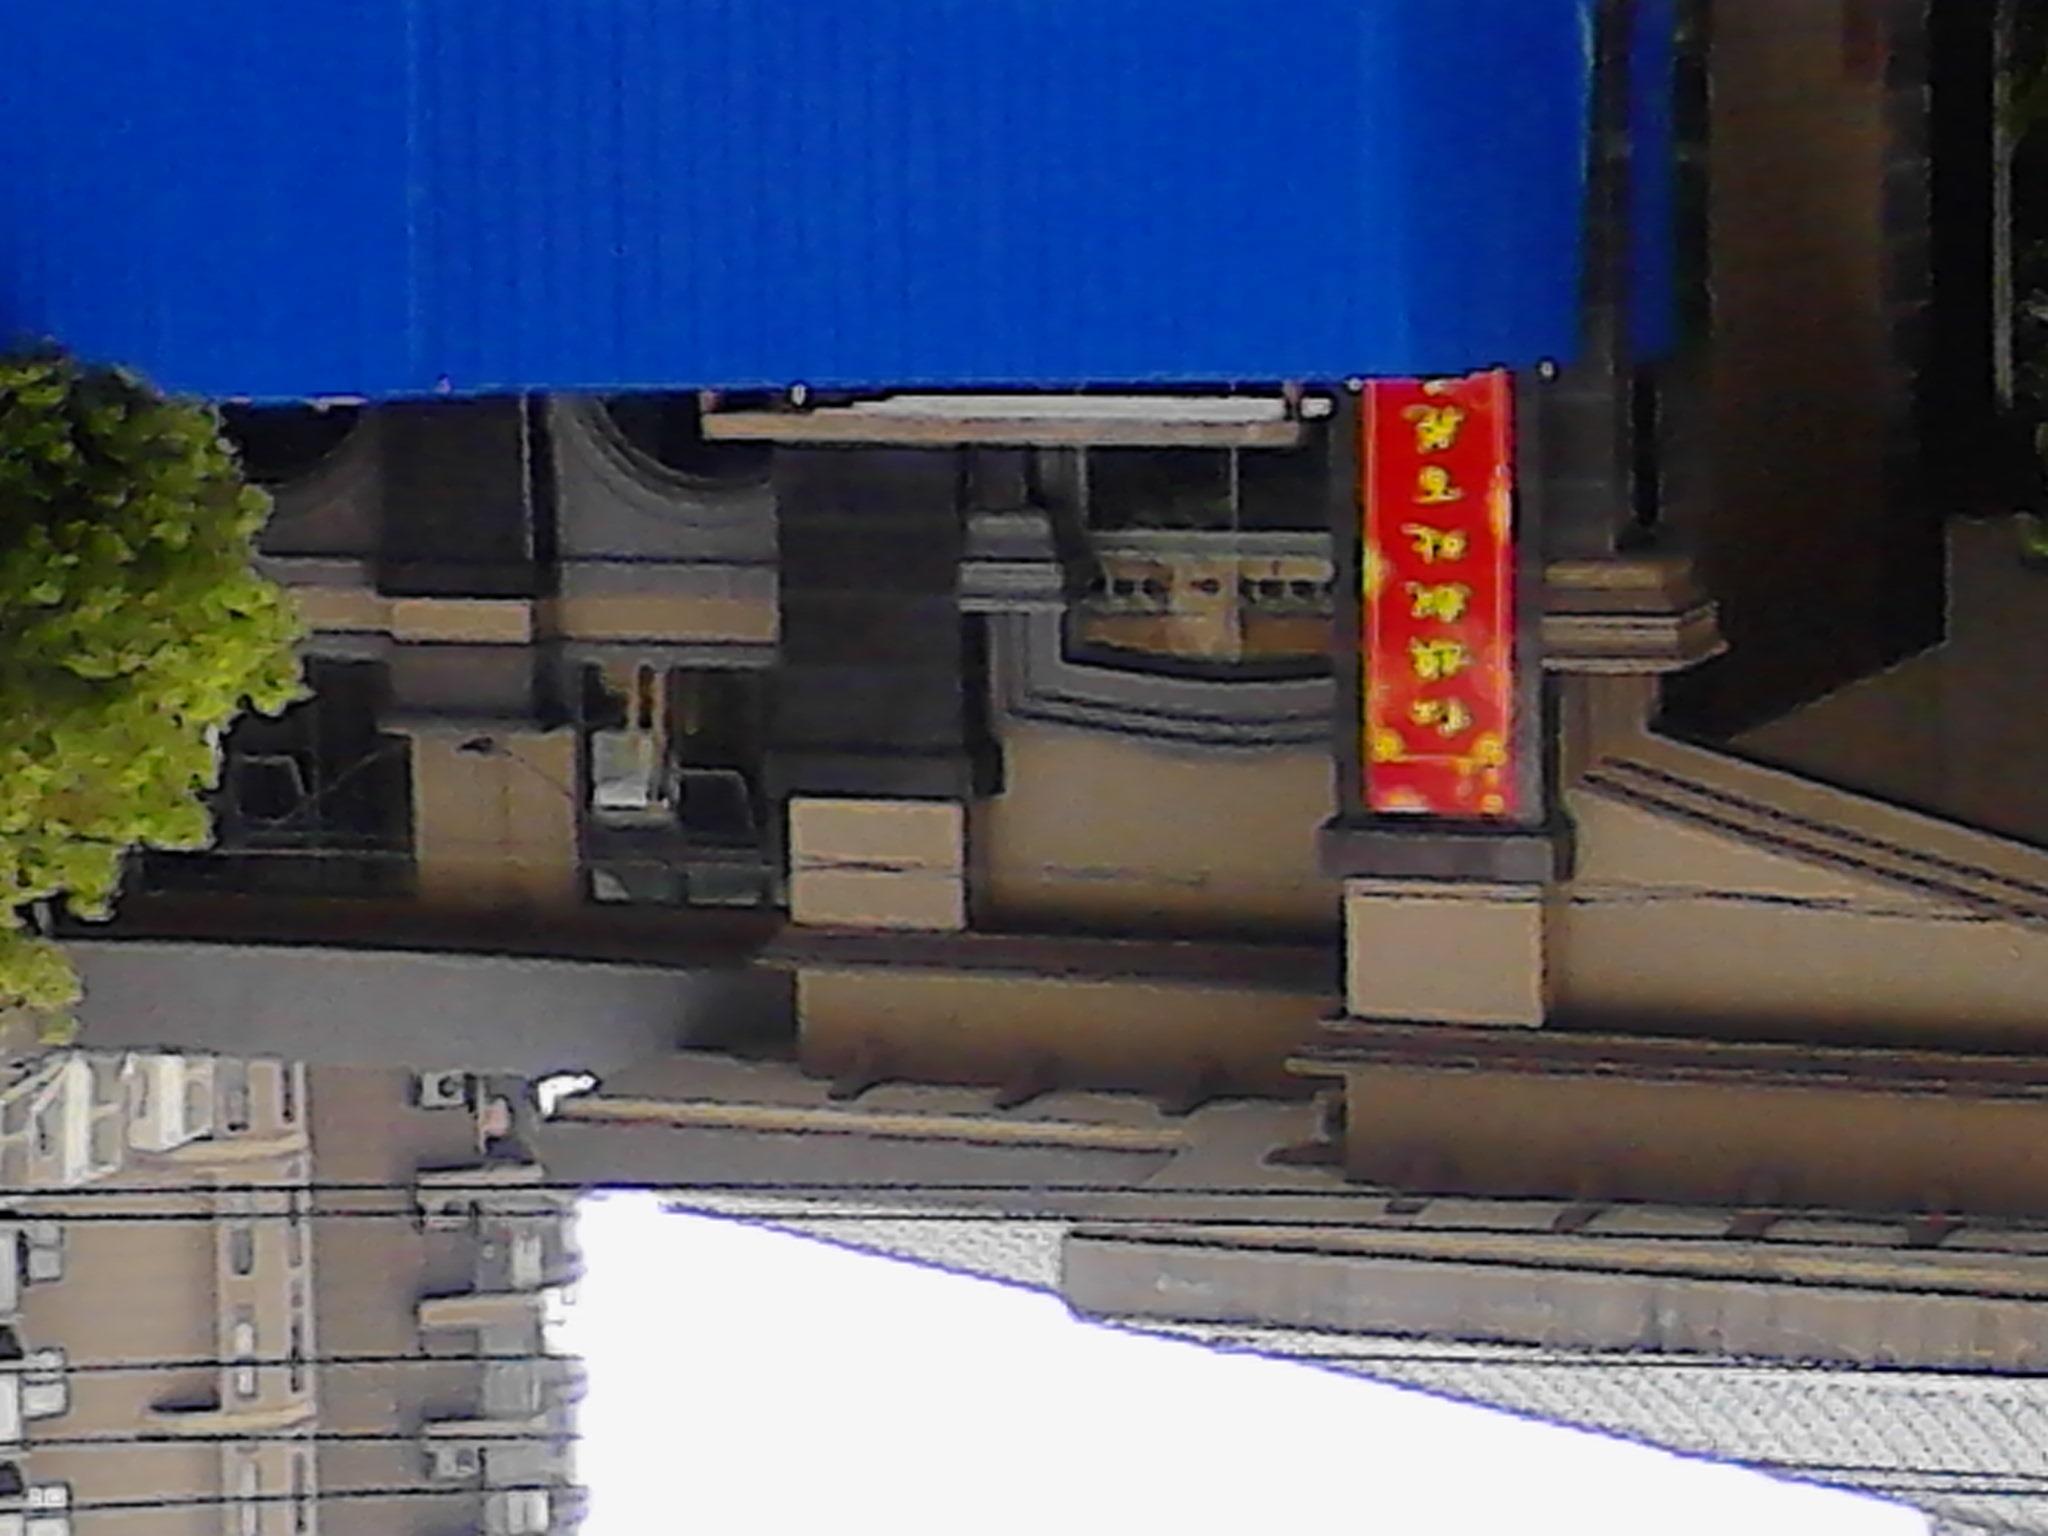 以上海本地棋牌为主,包含有上海最热门的棋牌品种:欢乐二打一,上海斗地主,德州扑克,上海麻将等上海人最喜欢的棋牌游戏,同时,还在上海举办各类棋牌比赛。阿里巴巴为您找到357条门将手套产品的详细参数,实时报价,价格行情,优质批发/供应等信息。您还可以找足球门将手套,手套女,劳保手套,儿童手套,家务手套等产品信.上海斗地主 - 搜狗百科